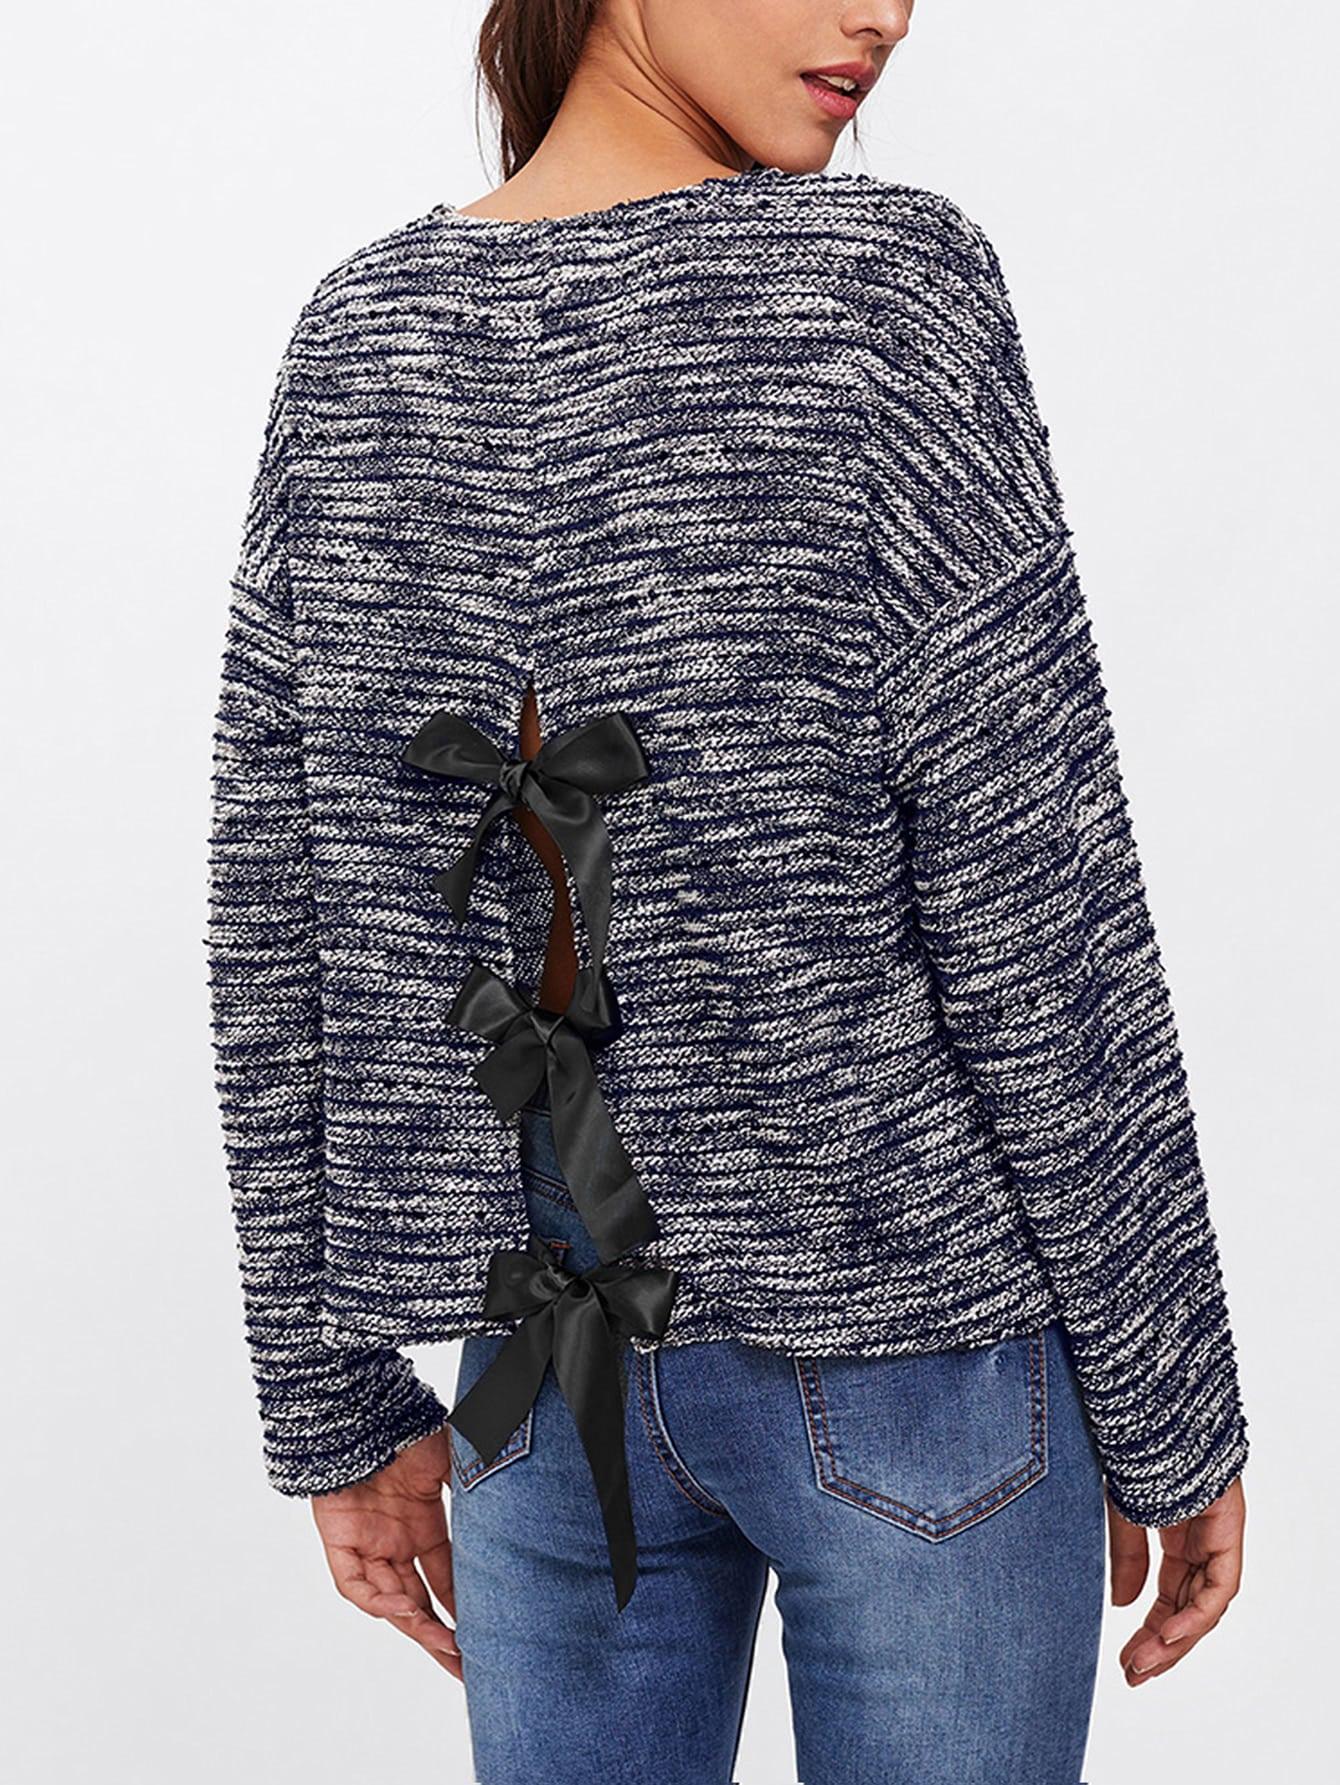 Bow Tie Split Back Space Dye Tee tee171017707